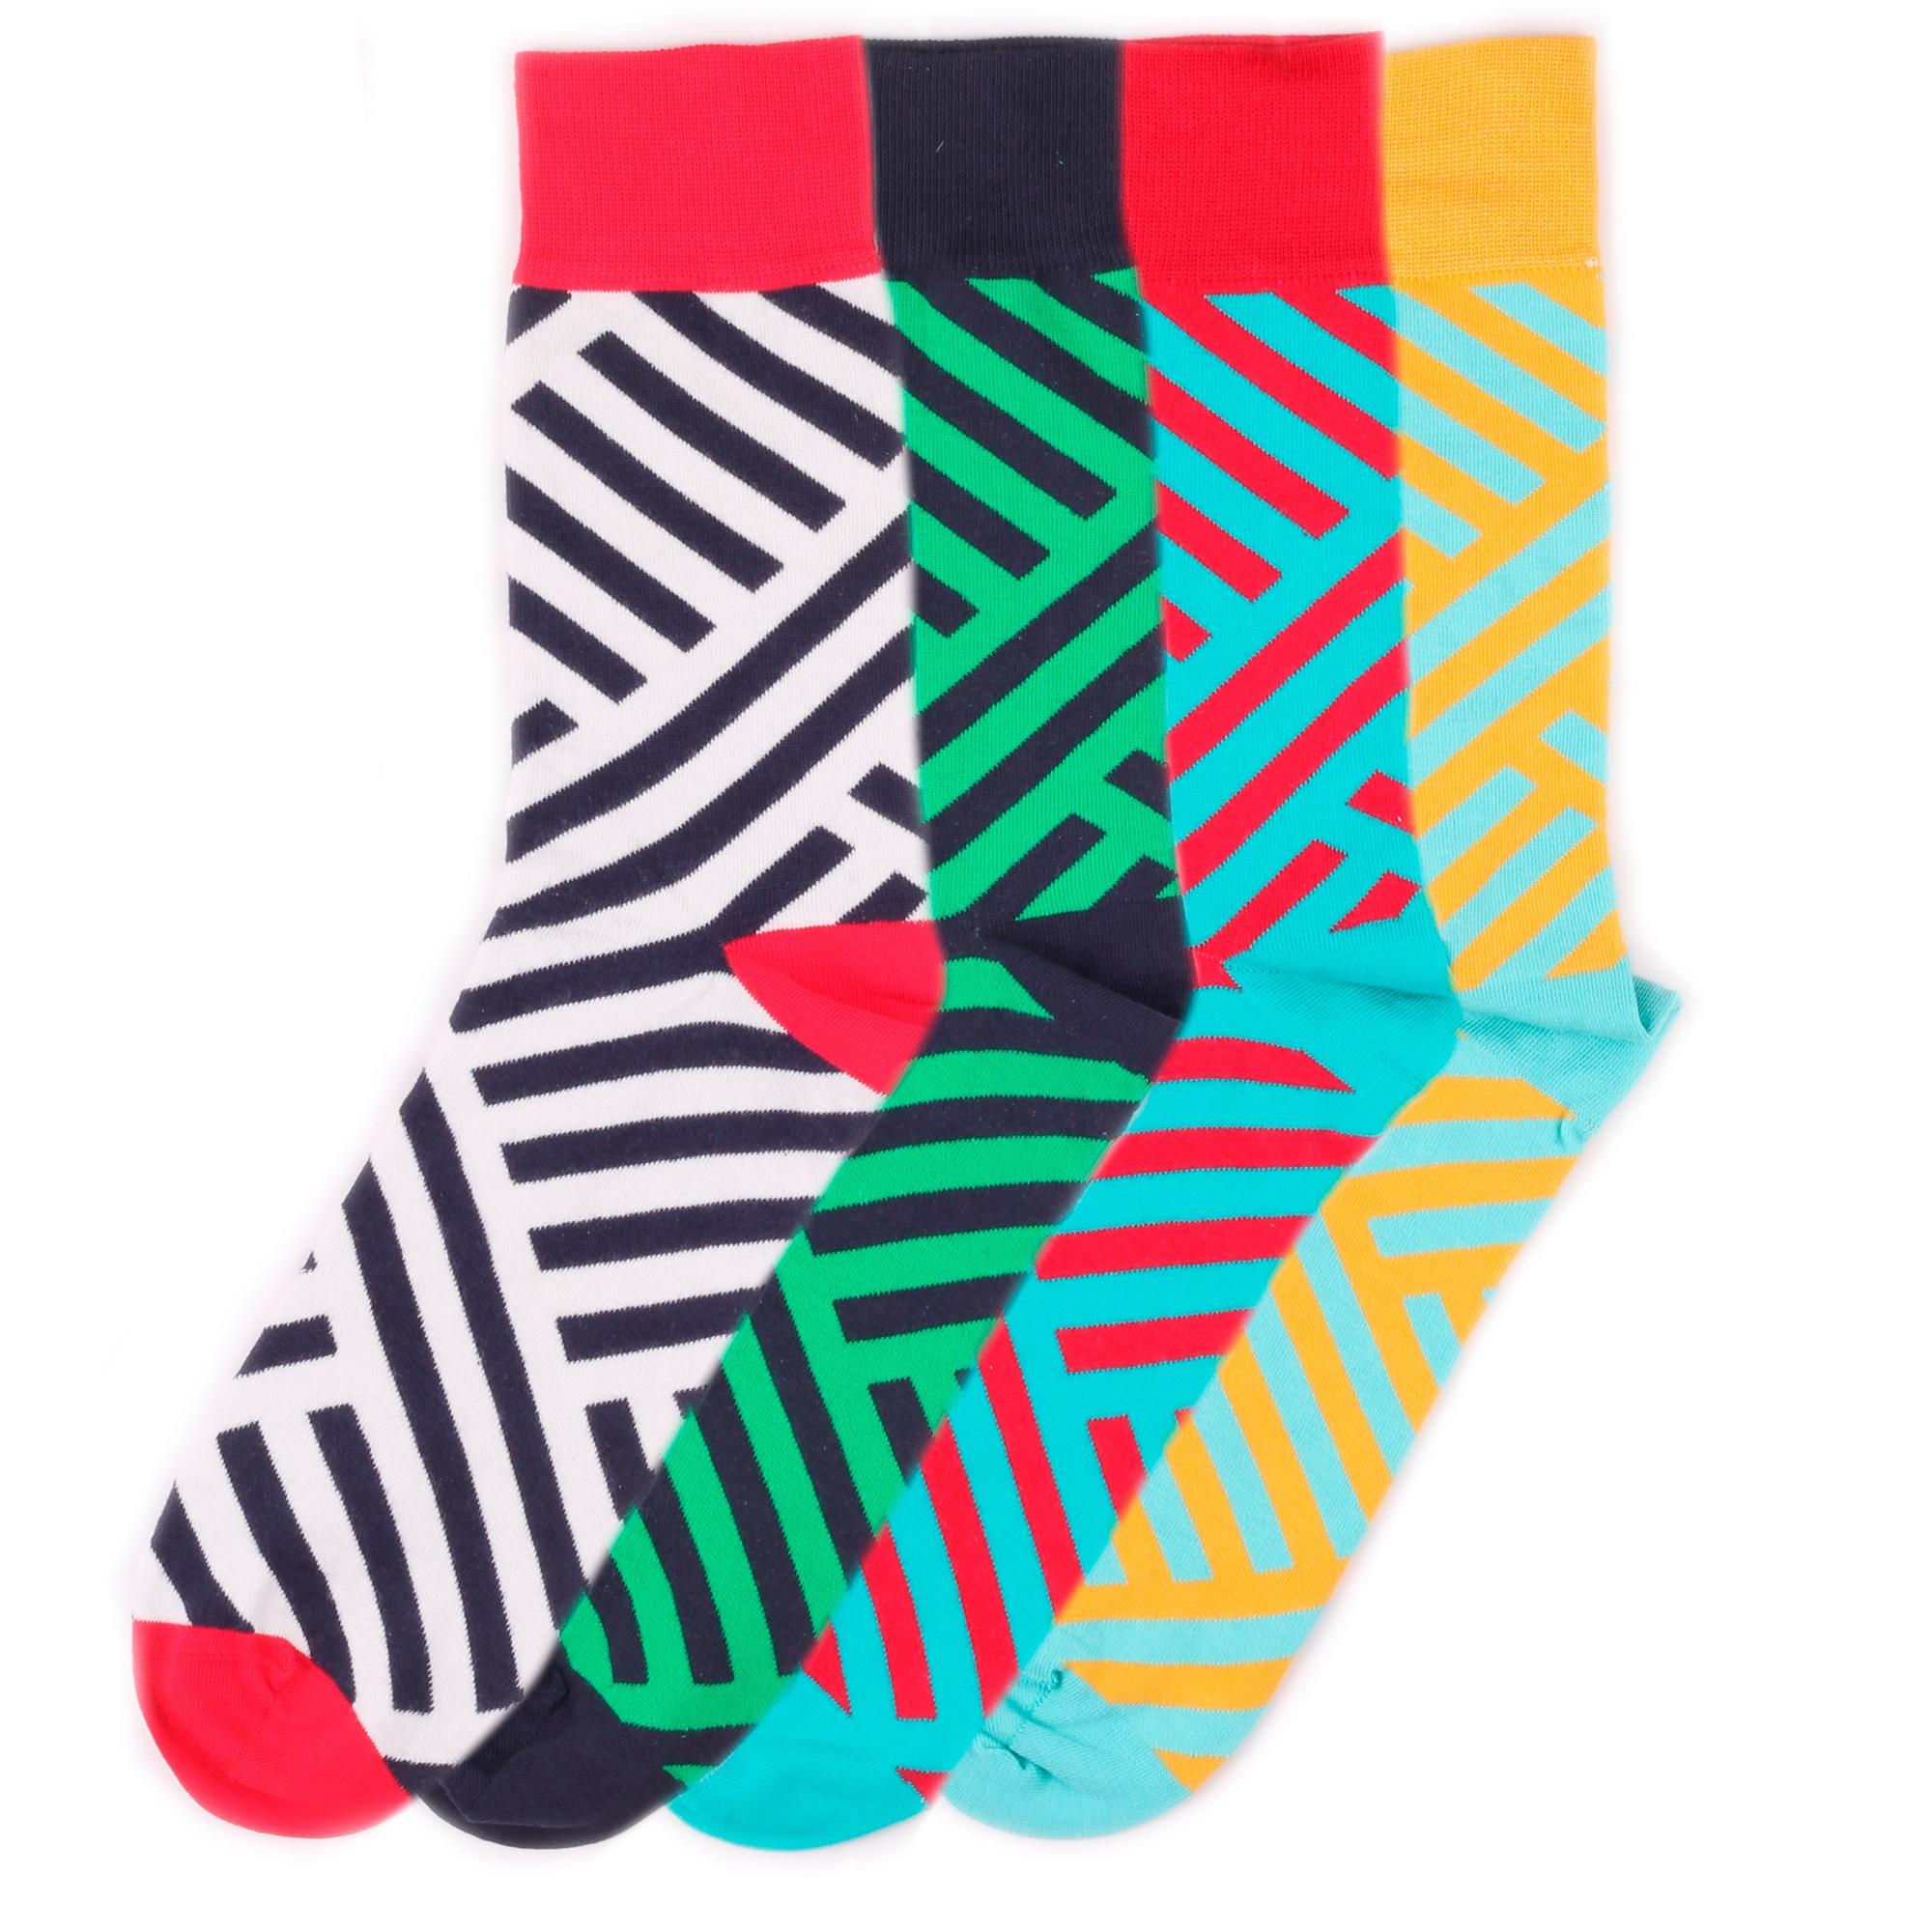 Набор носков Burning heels Diag Stripes разноцветный 42-45